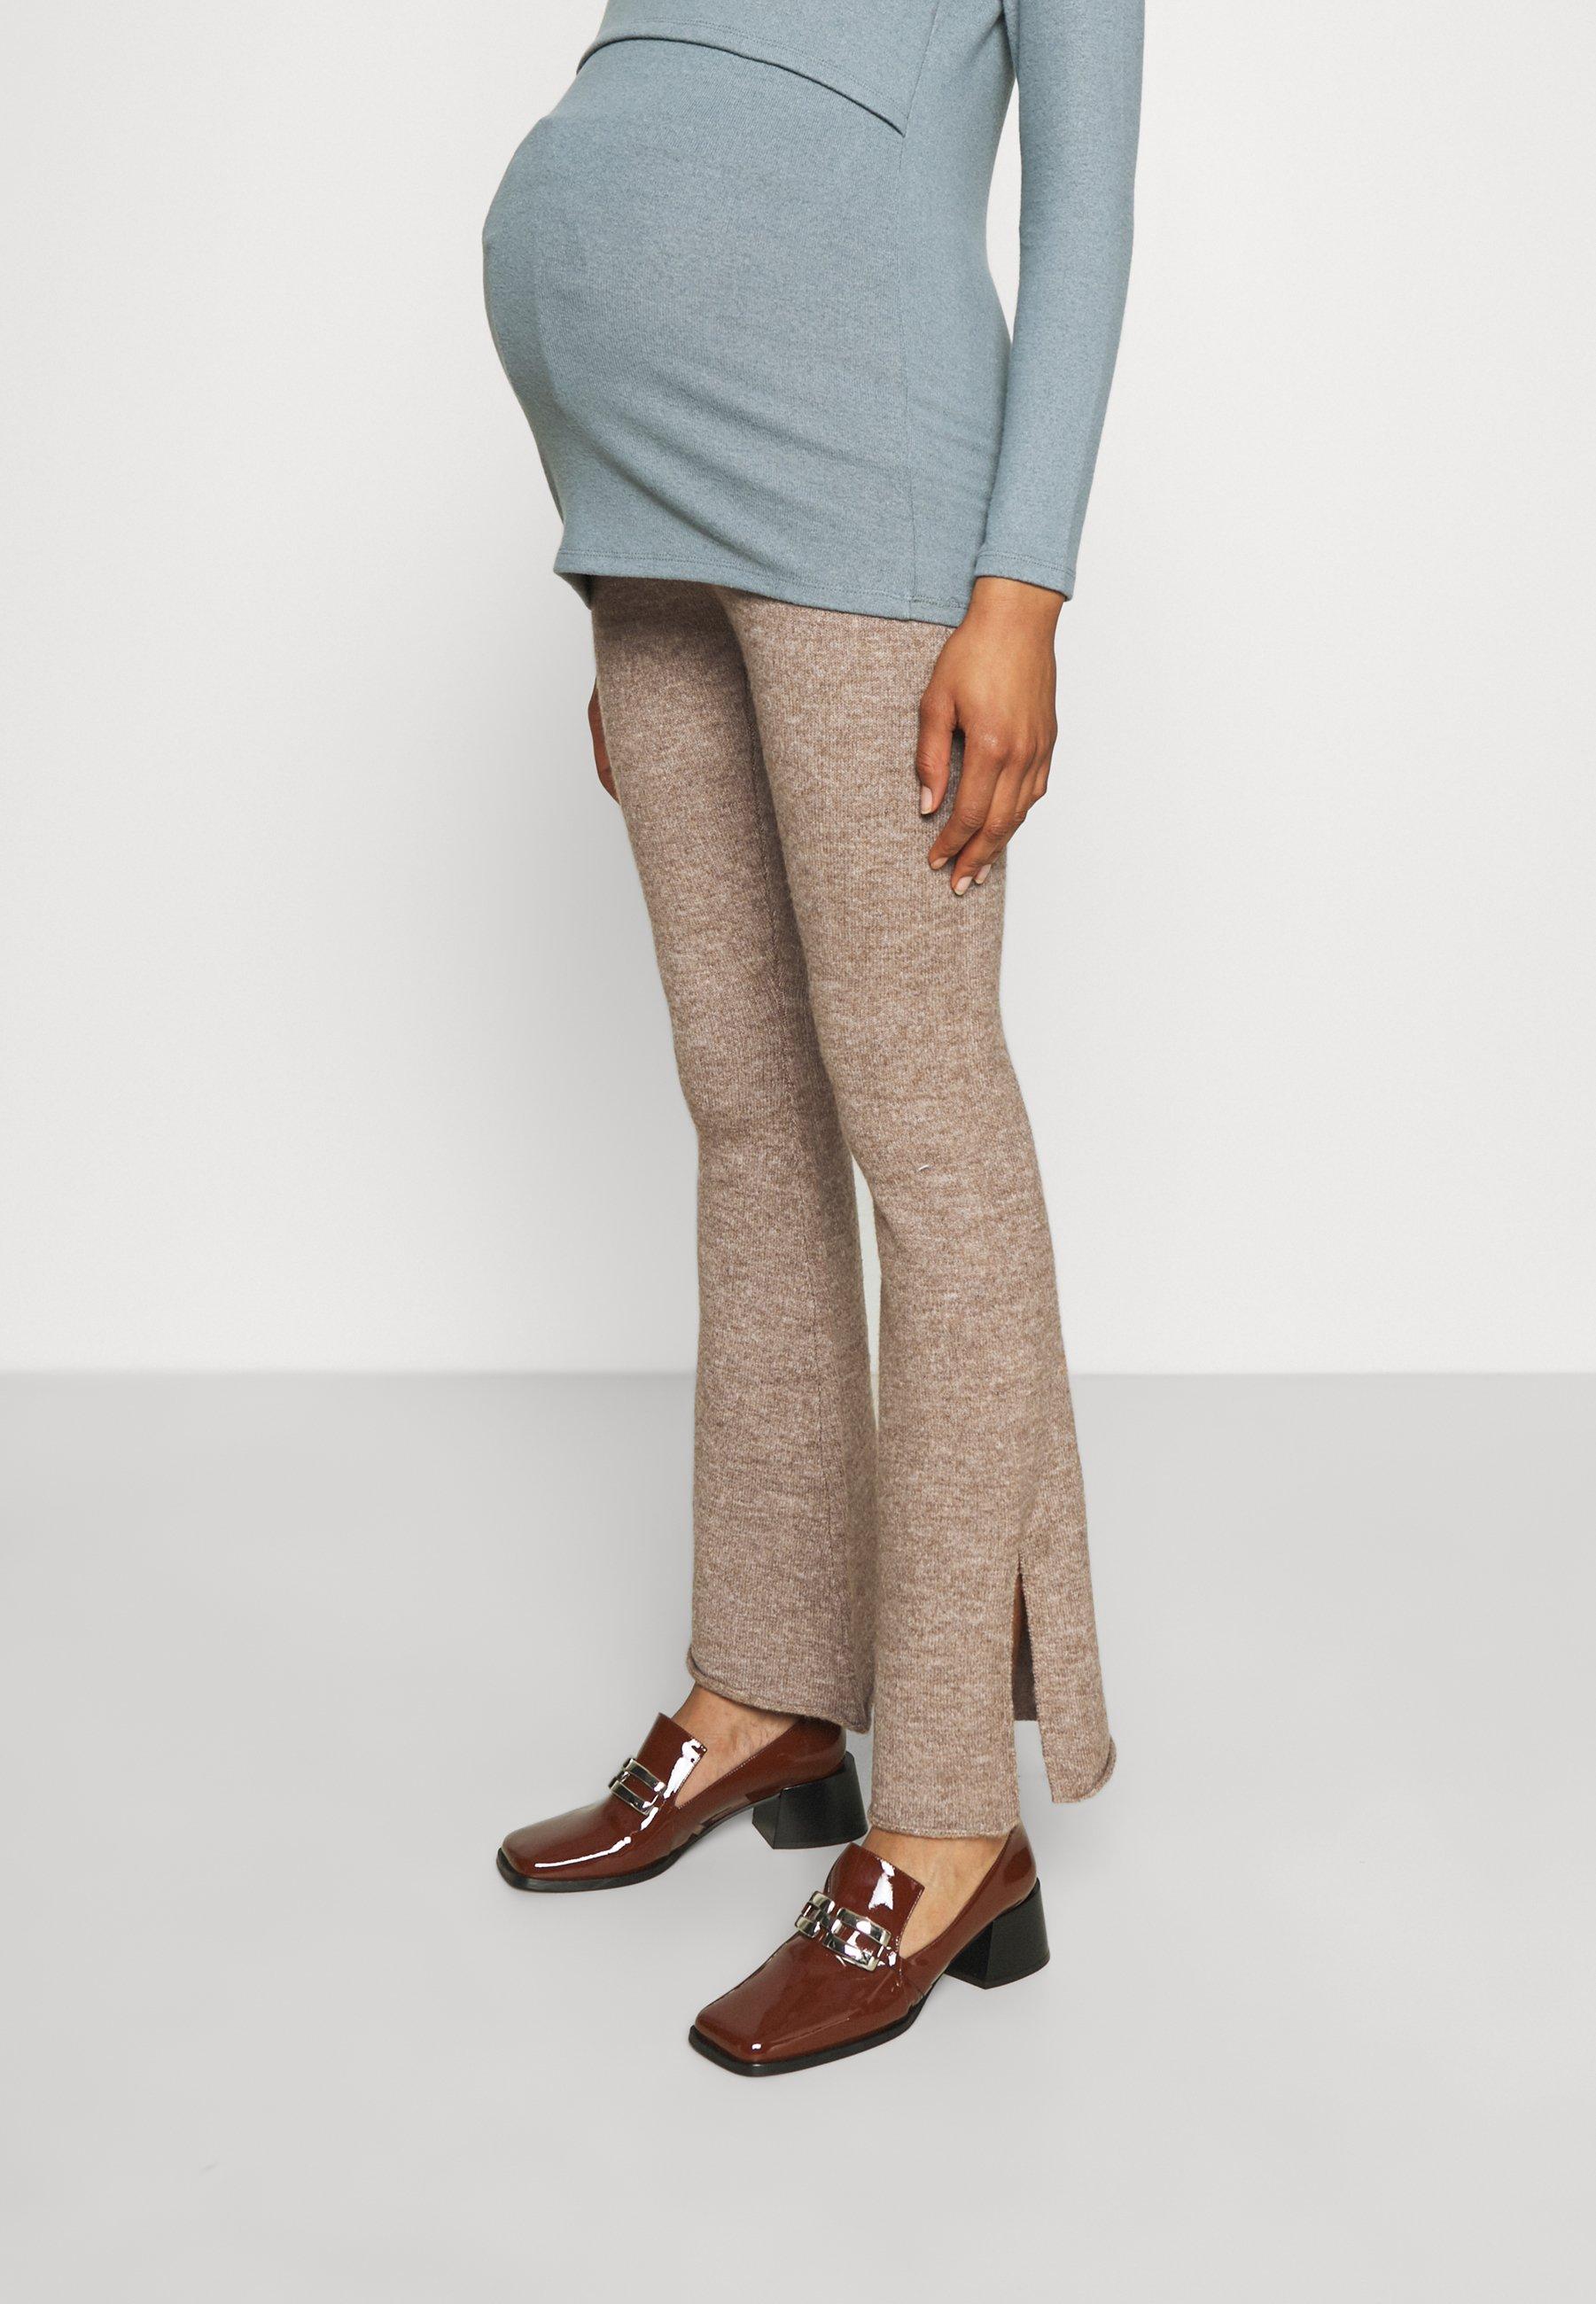 Femme FRIENDLY SPLIT SIDE MATCH BACK PANT - Pantalon classique